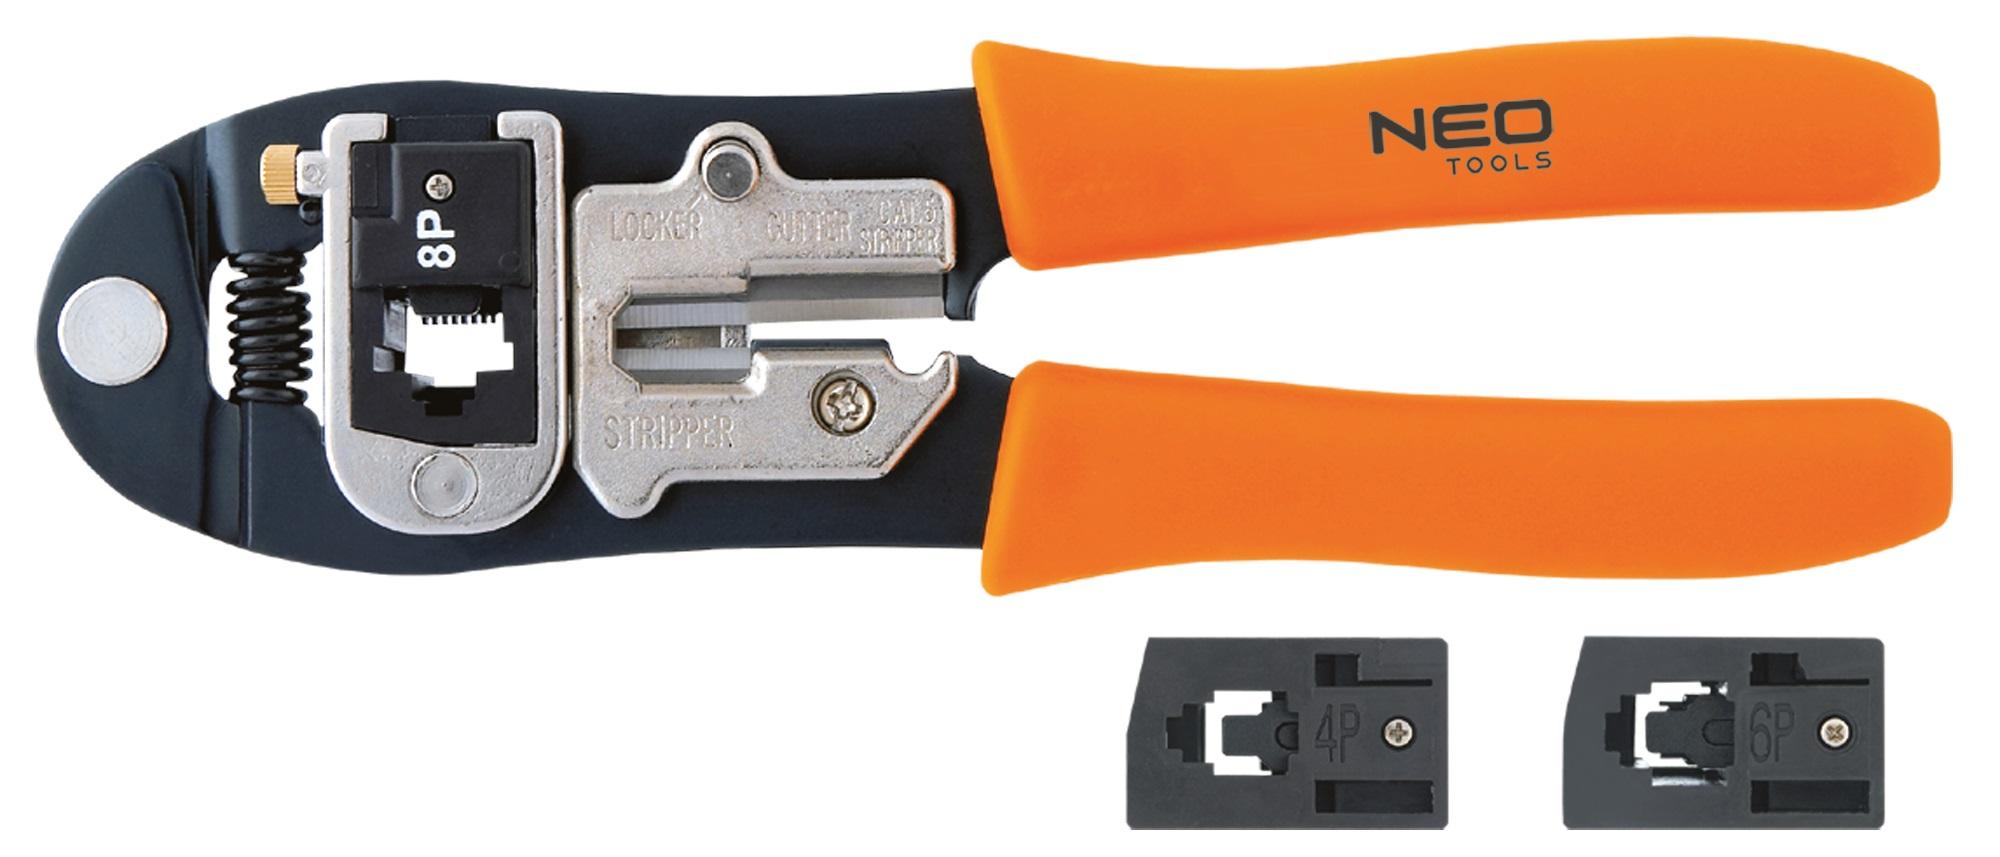 Neo Tools 01-501 Клiщi для обтискання телефонних наконечникiв 4P, 6P, 8P